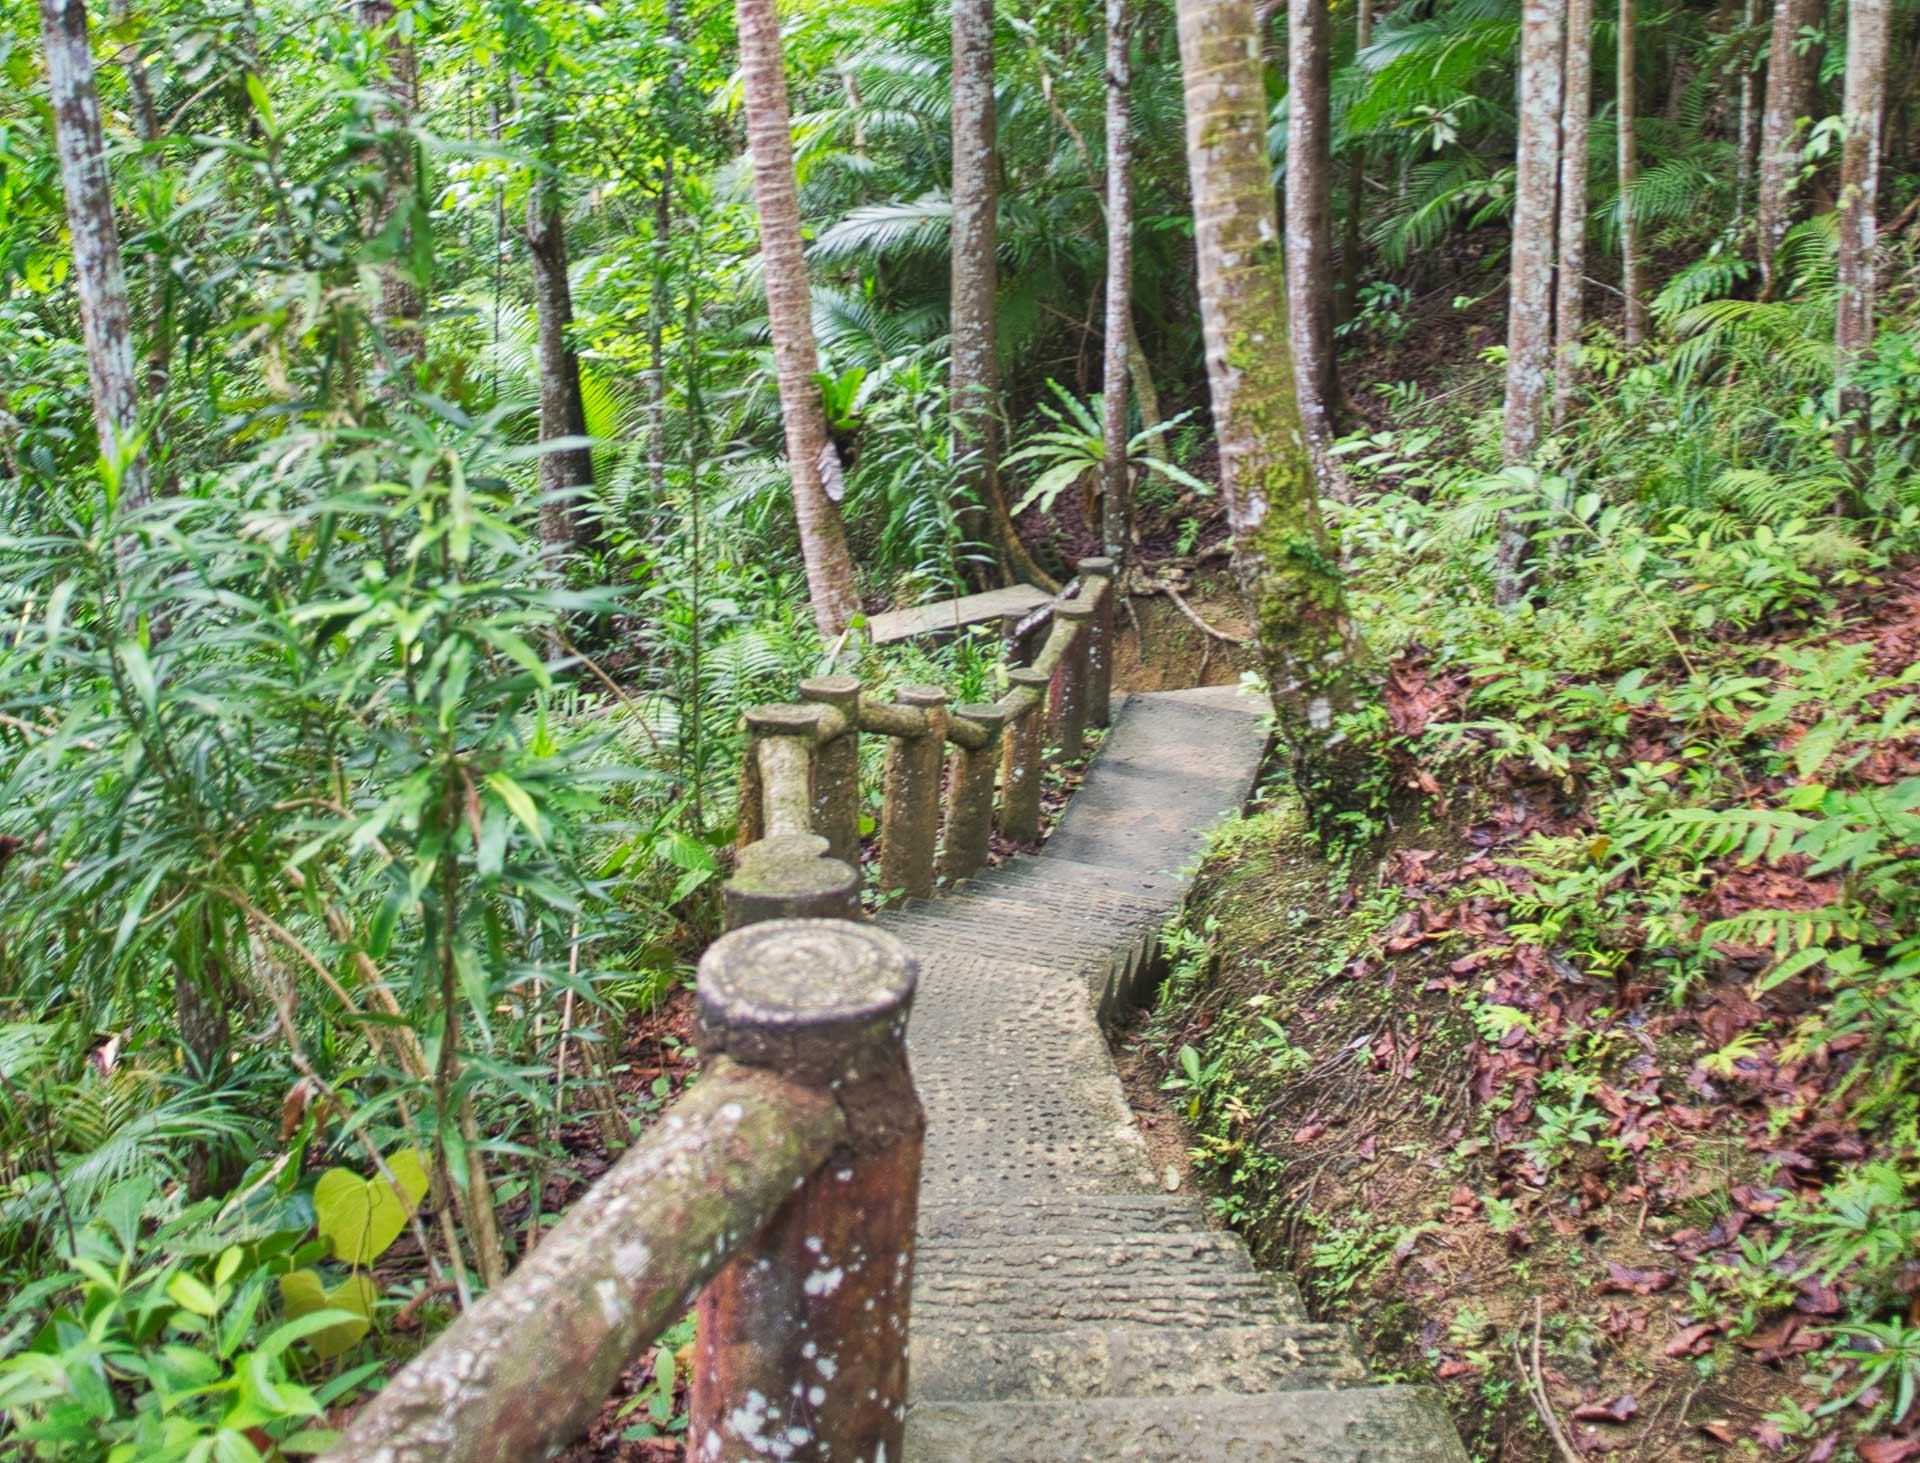 Escaliers menant aux chutes de Mag-Aso